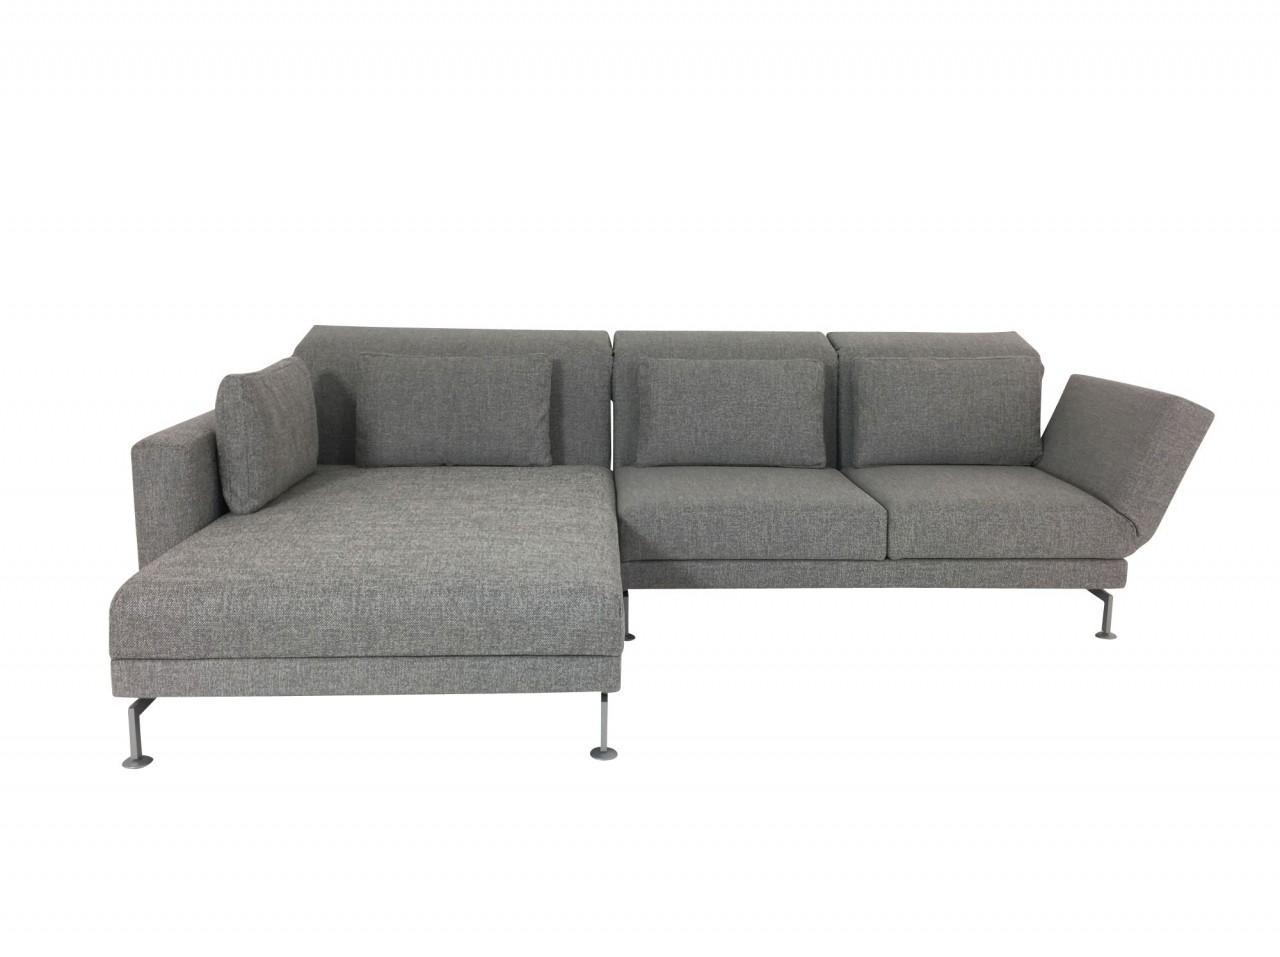 Brühl MOULE MEDIUM Sofa mit XL Recamiere links im robusten hellgrauen Stoff 2480 und Drehsitz